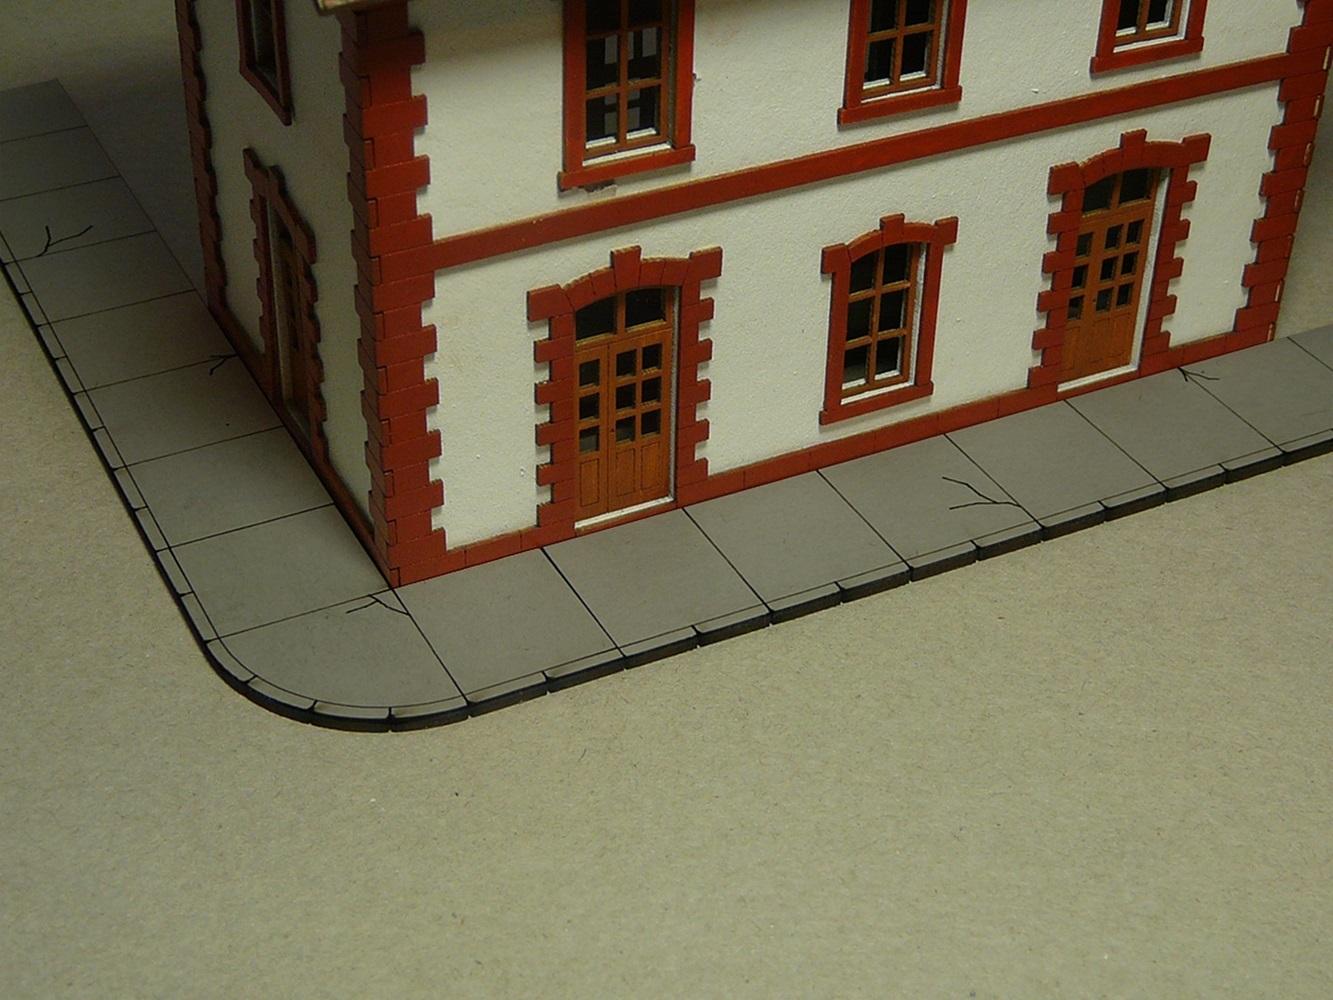 Details about bachmann ho scale train accessories concrete sidewalk